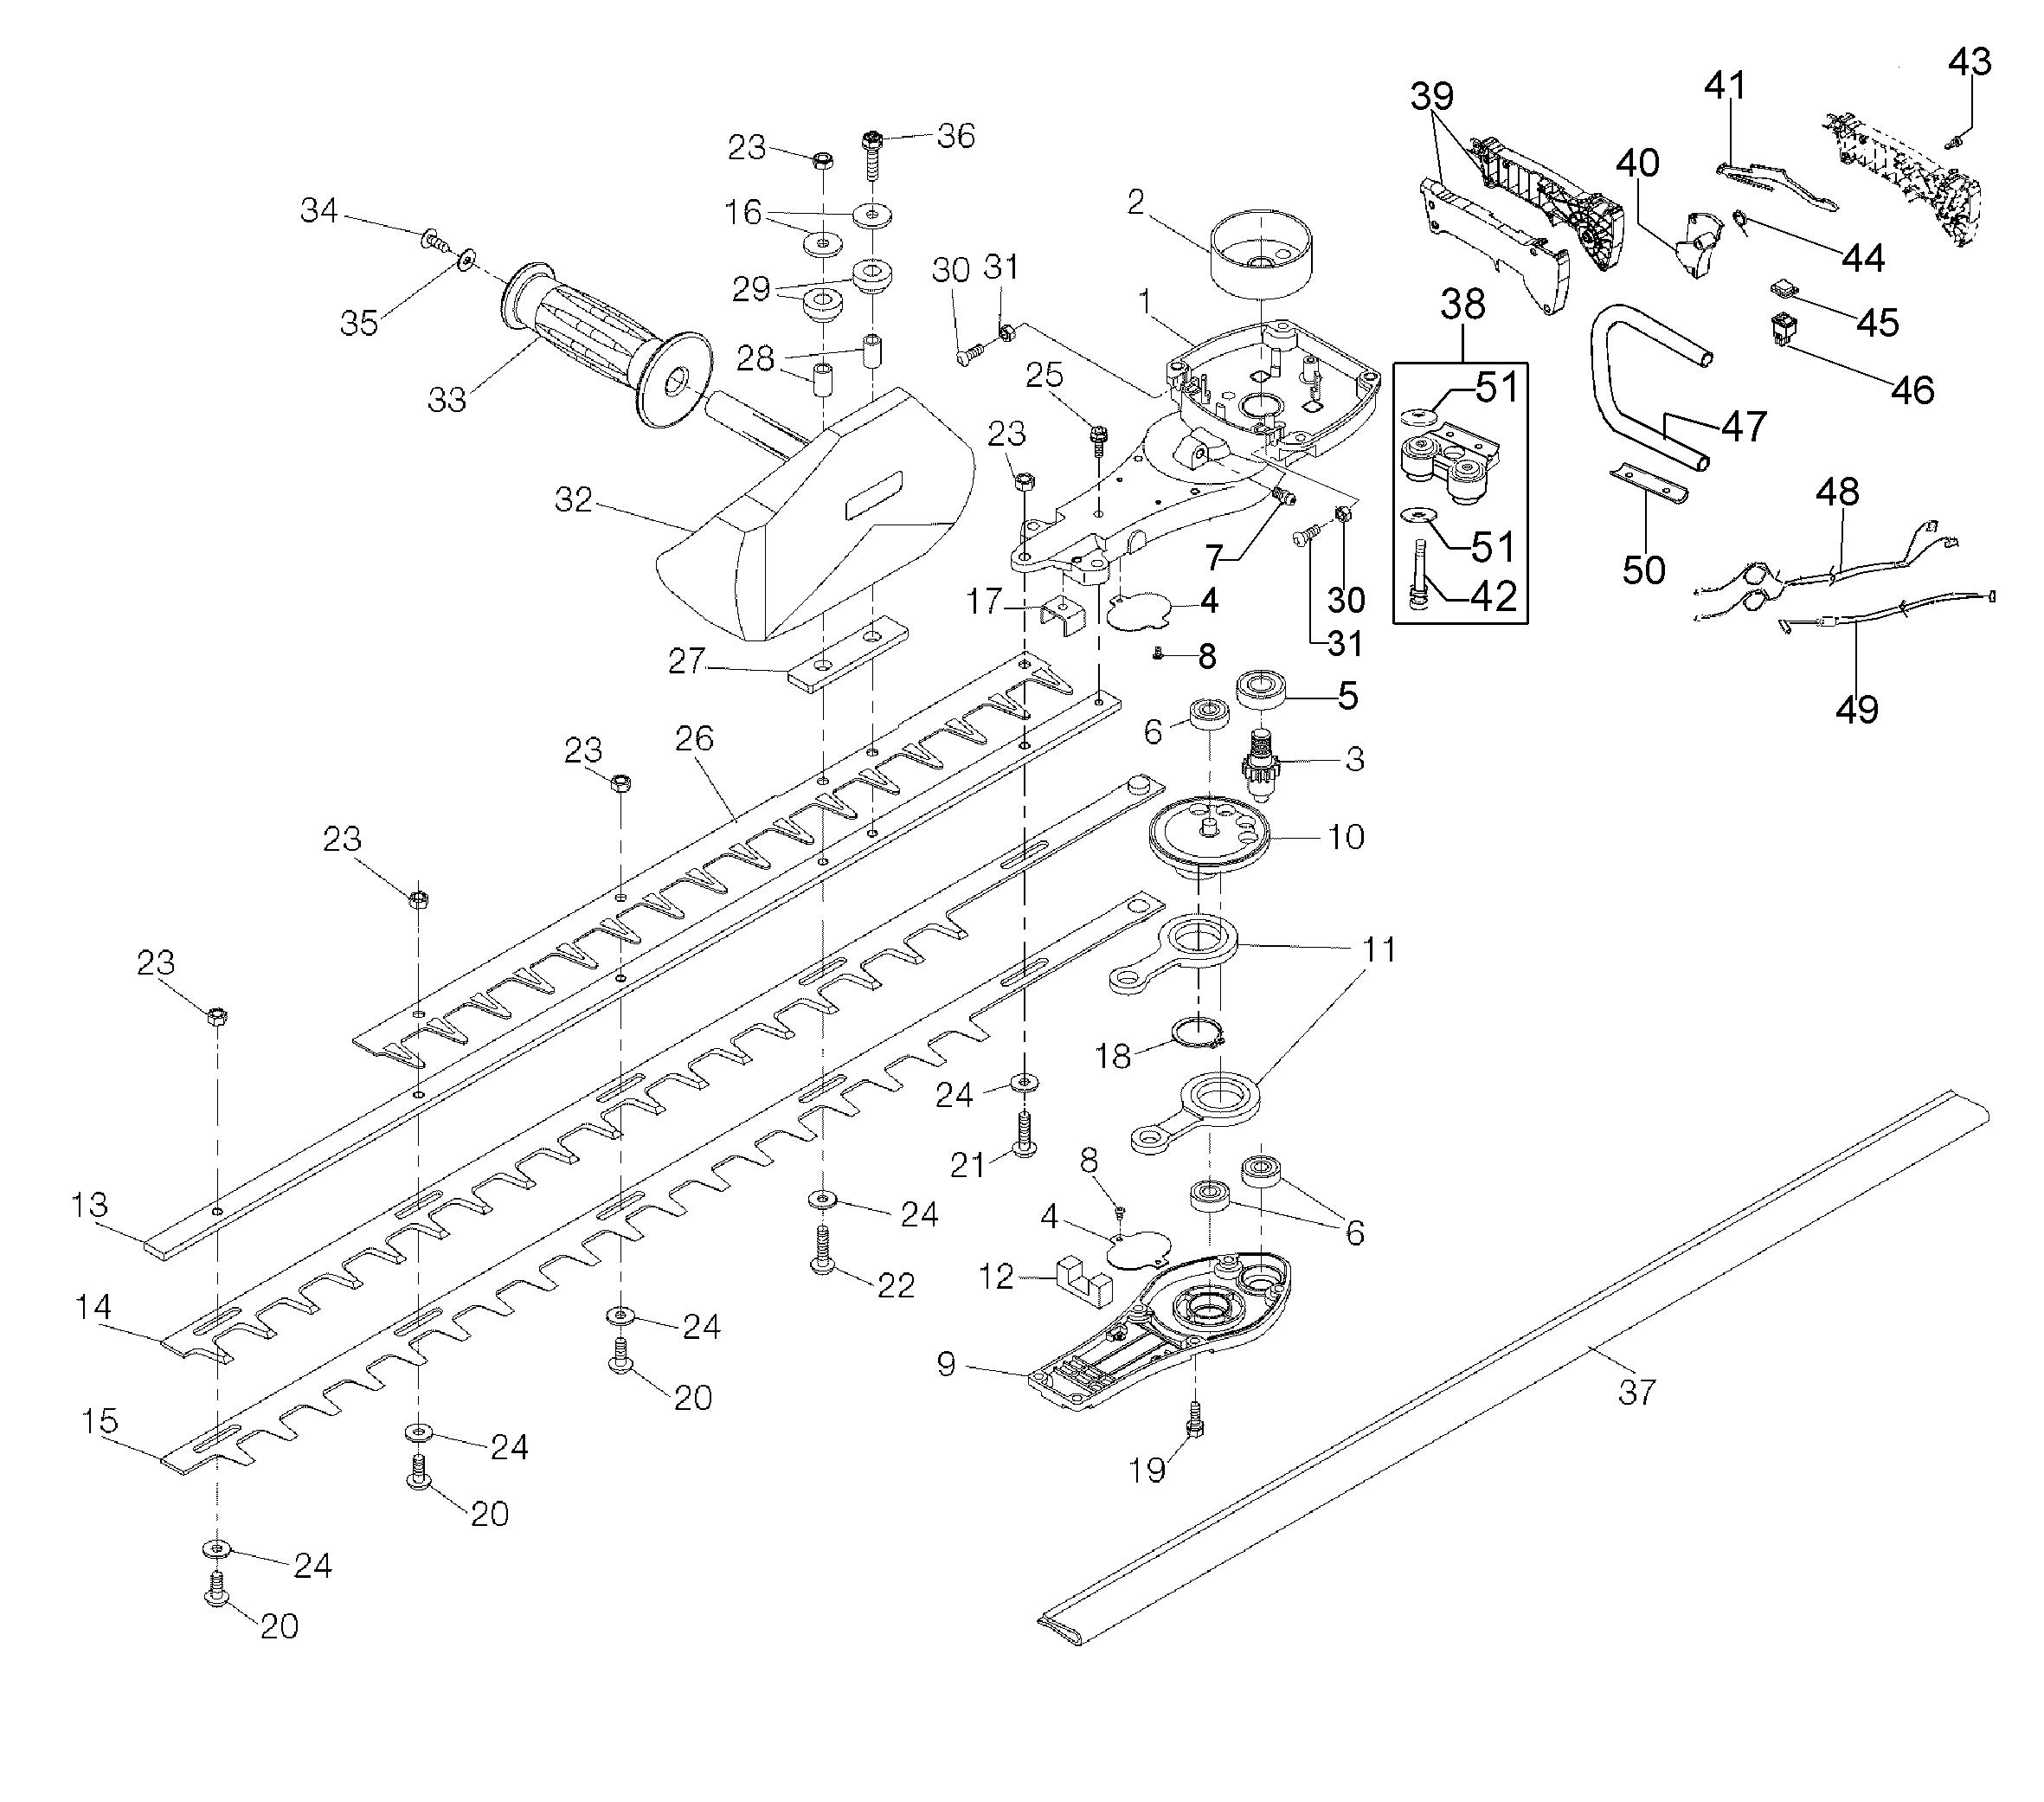 HCS 275 XP Taille-haies OLEOMAC vue éclatée Dessins pièces -  Groupe lames